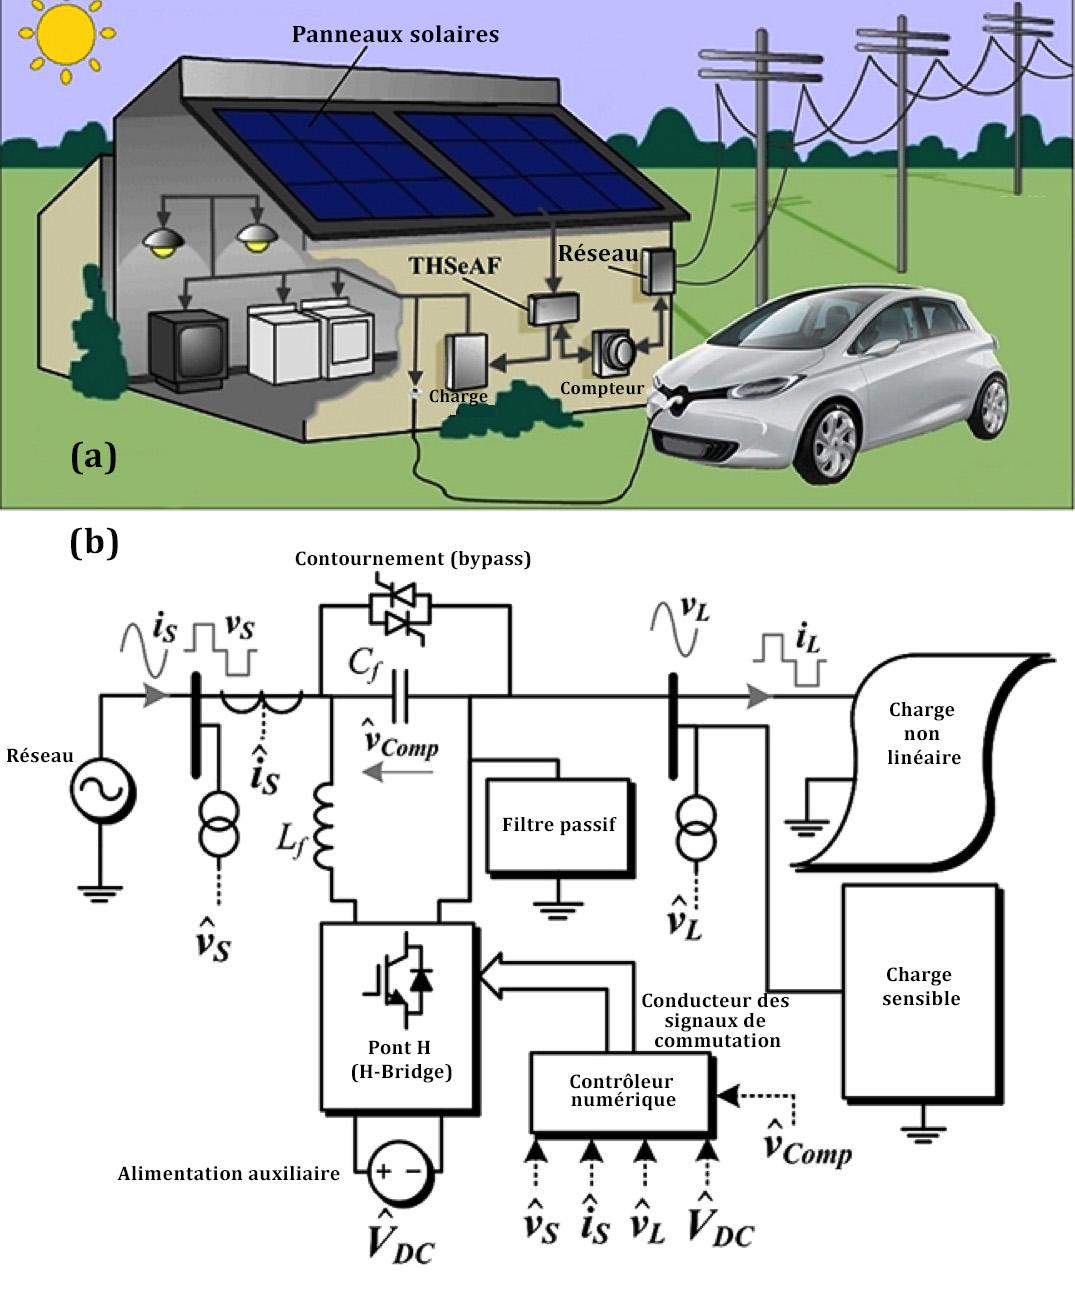 Figure 3: schéma d'une charge monophasée avec l'installation d'un compensateur de puissance active hybride THSeAF (a). Schéma électrique du THSeAF pour une charge monophasé (b).